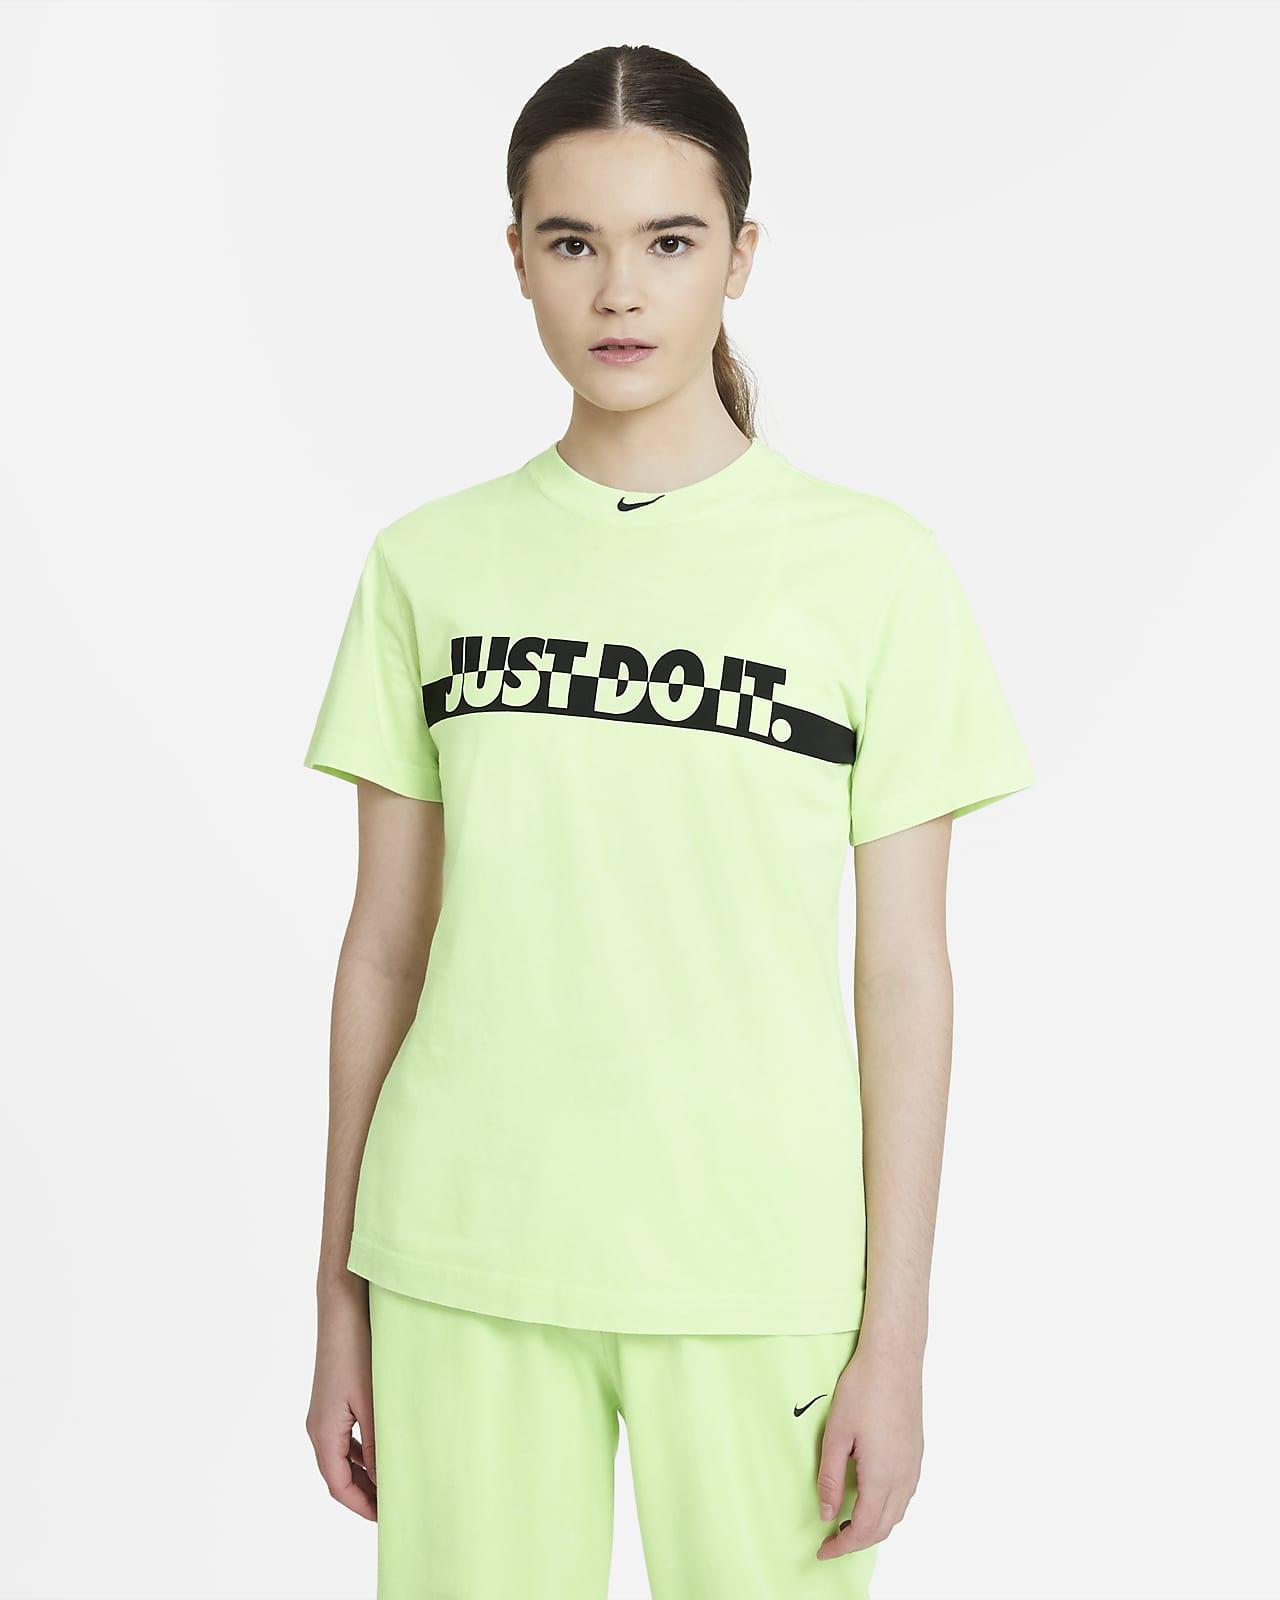 Nike Sportswear Women's Washed Short-Sleeve Top